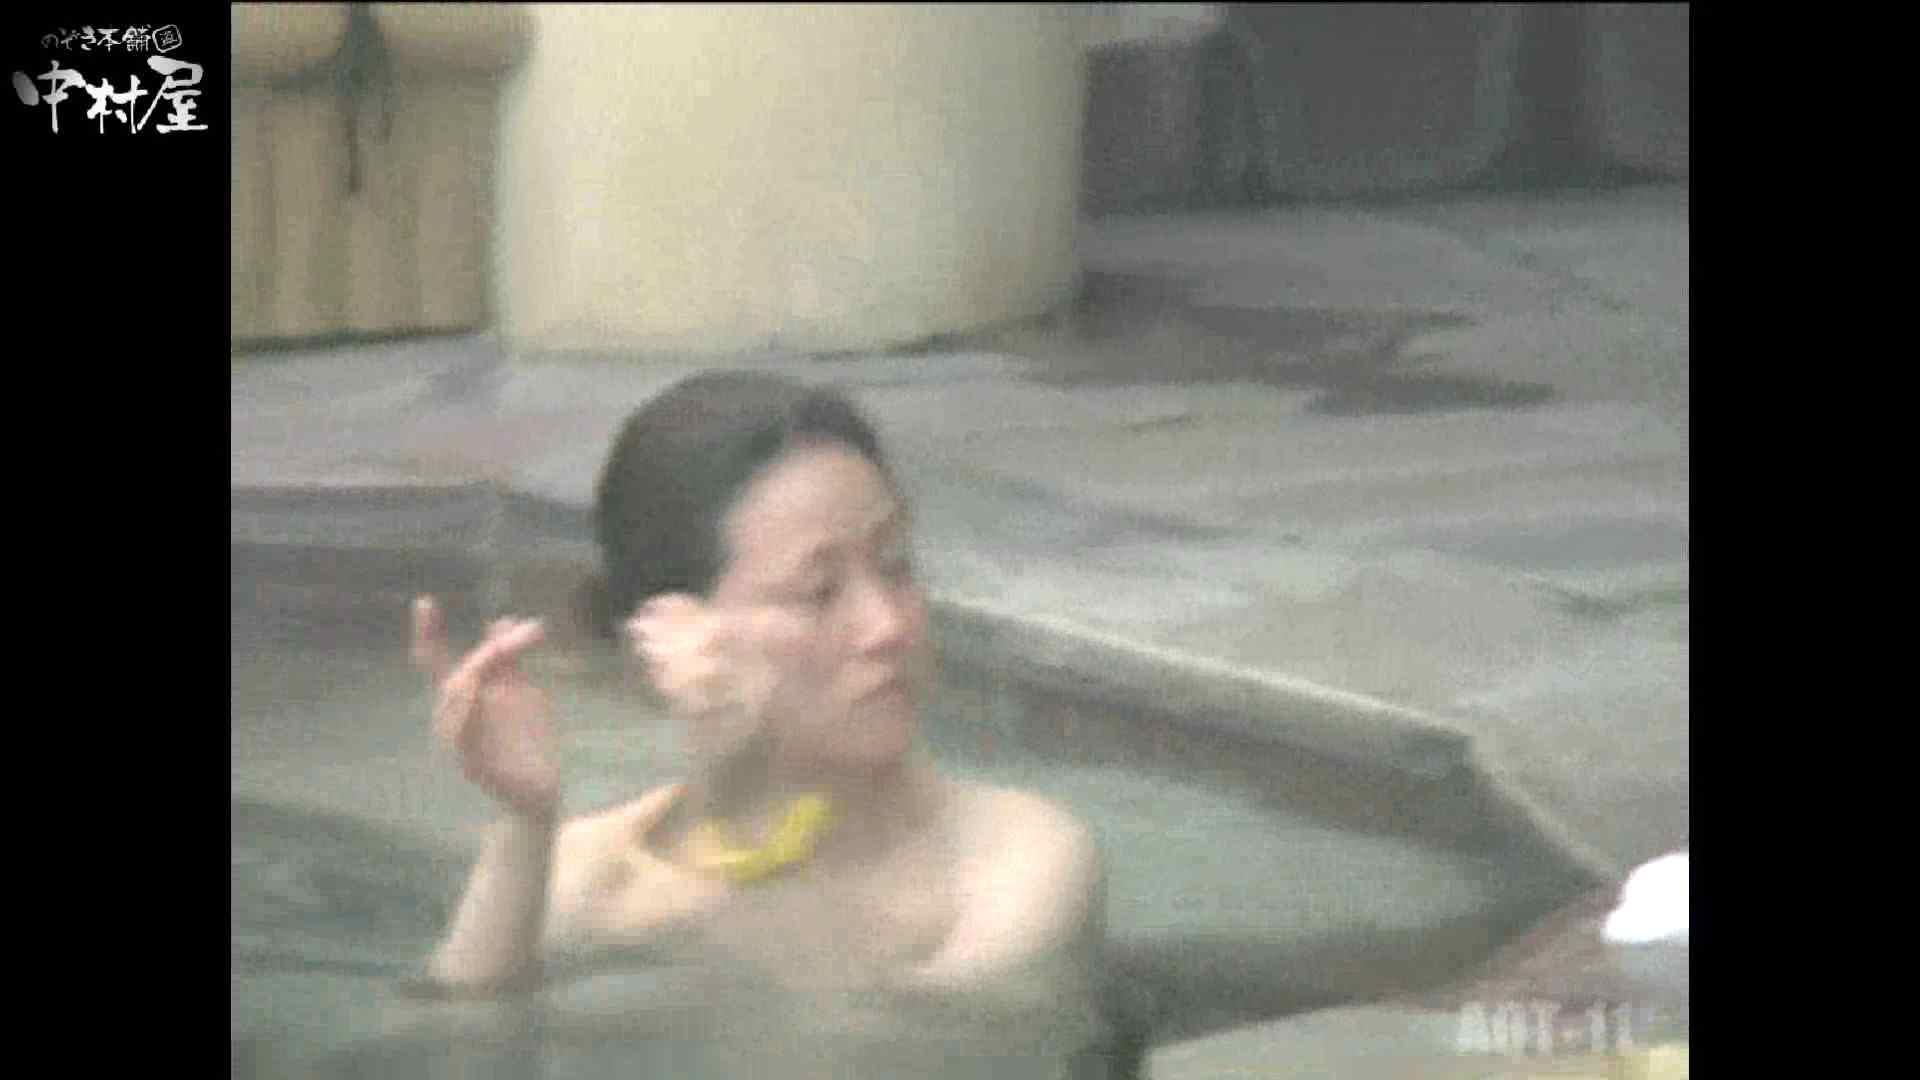 Aquaな露天風呂Vol.875潜入盗撮露天風呂十一判湯 其の四 露天   潜入シリーズ  70pic 12